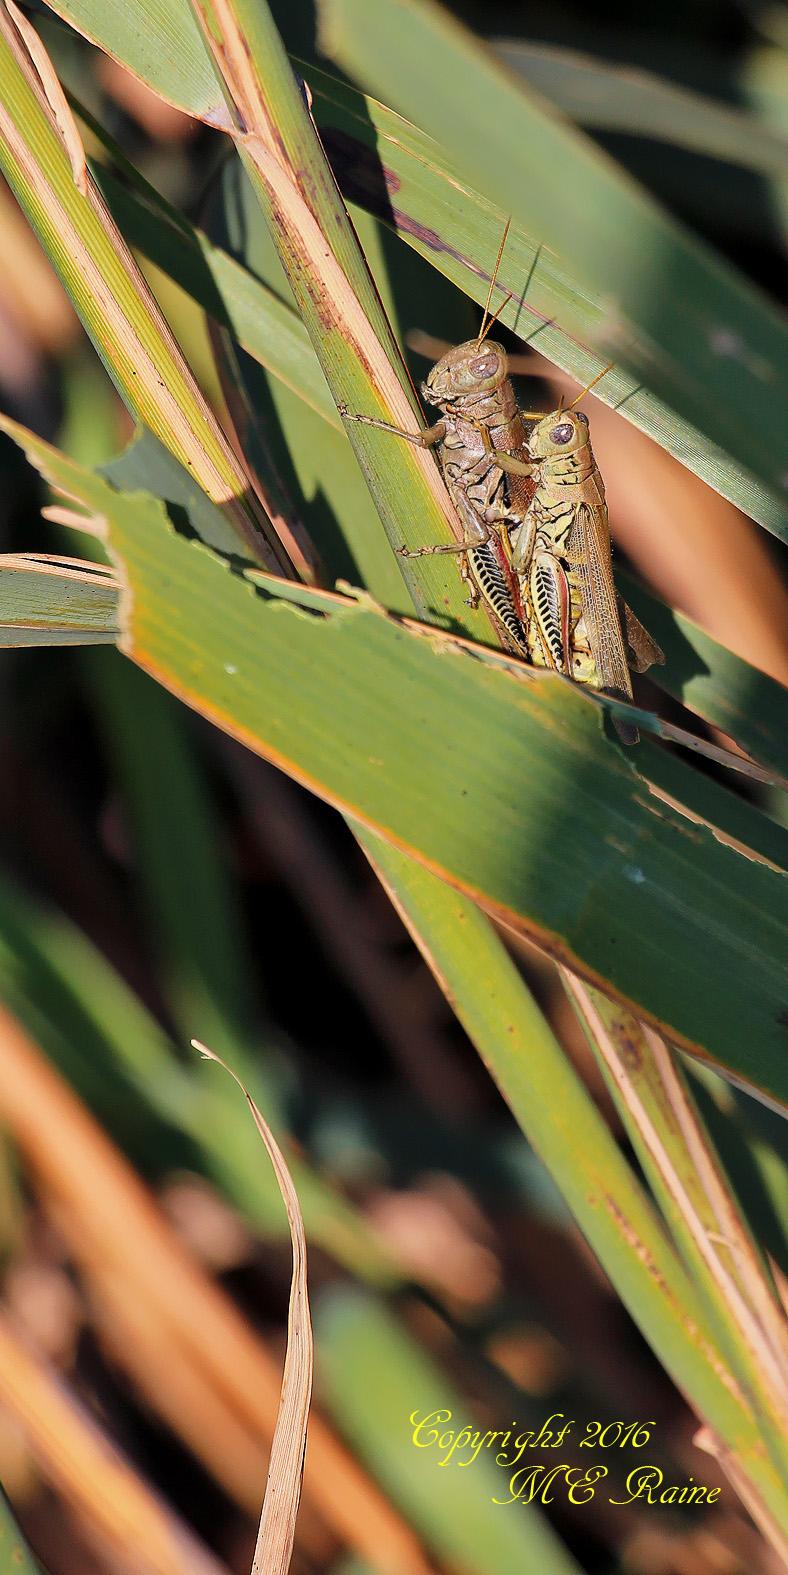 grasshoppers-dekorte-mickey-9-4-16